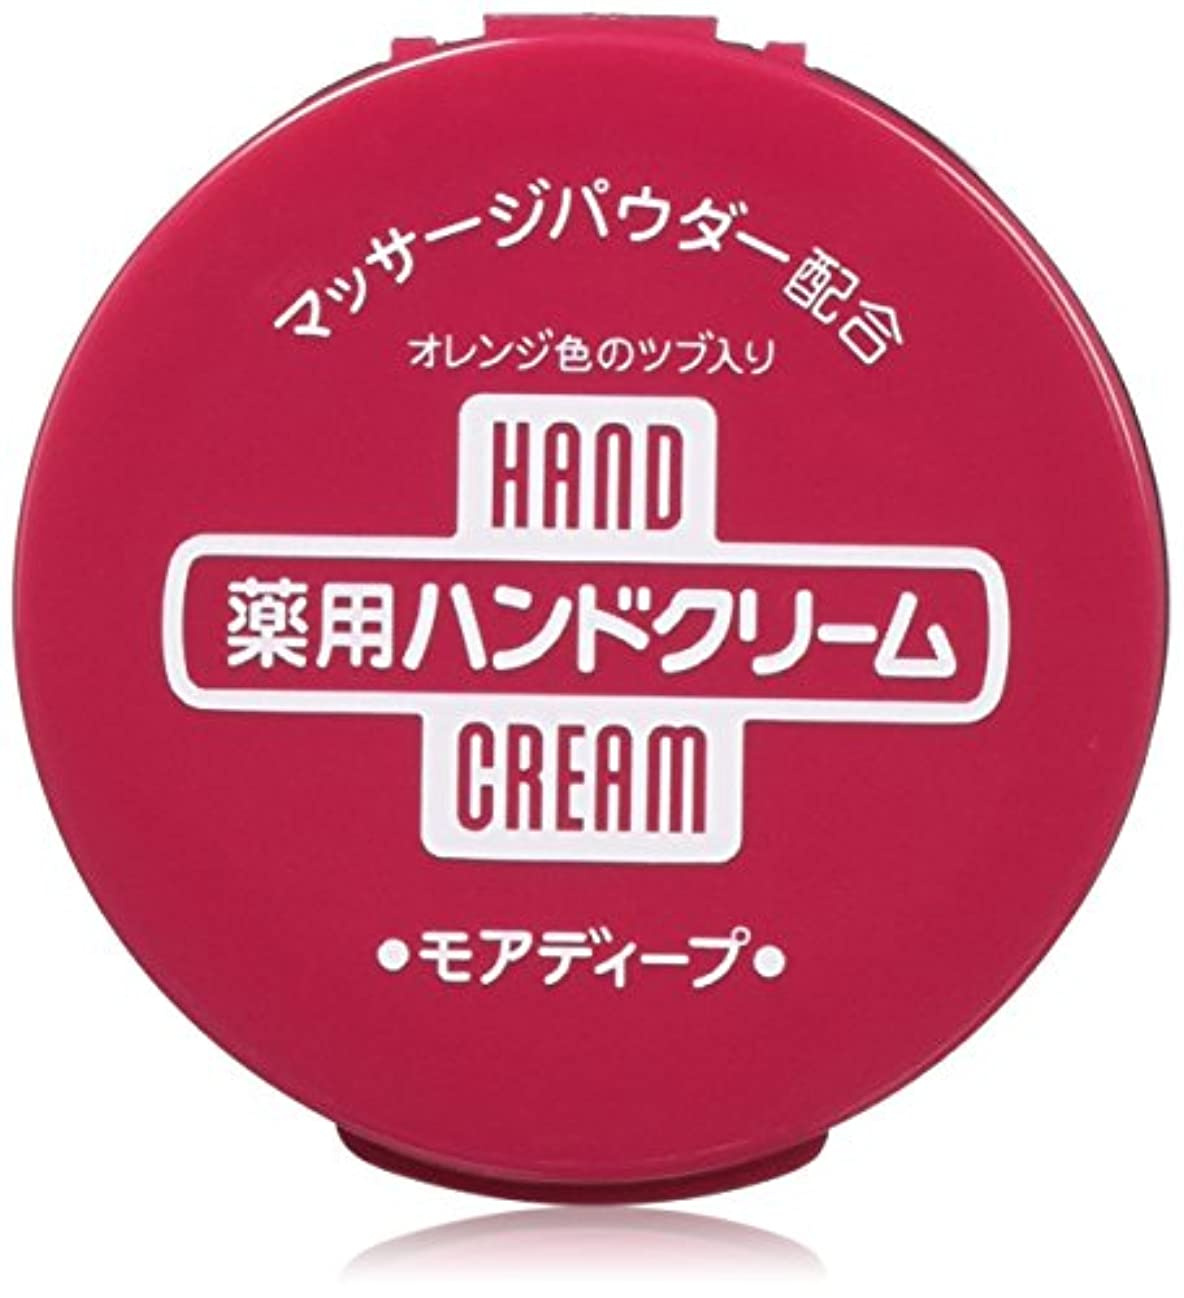 削除するピッチャー最大限【まとめ買い】薬用ハンドクリーム モアディープ 100g×12個